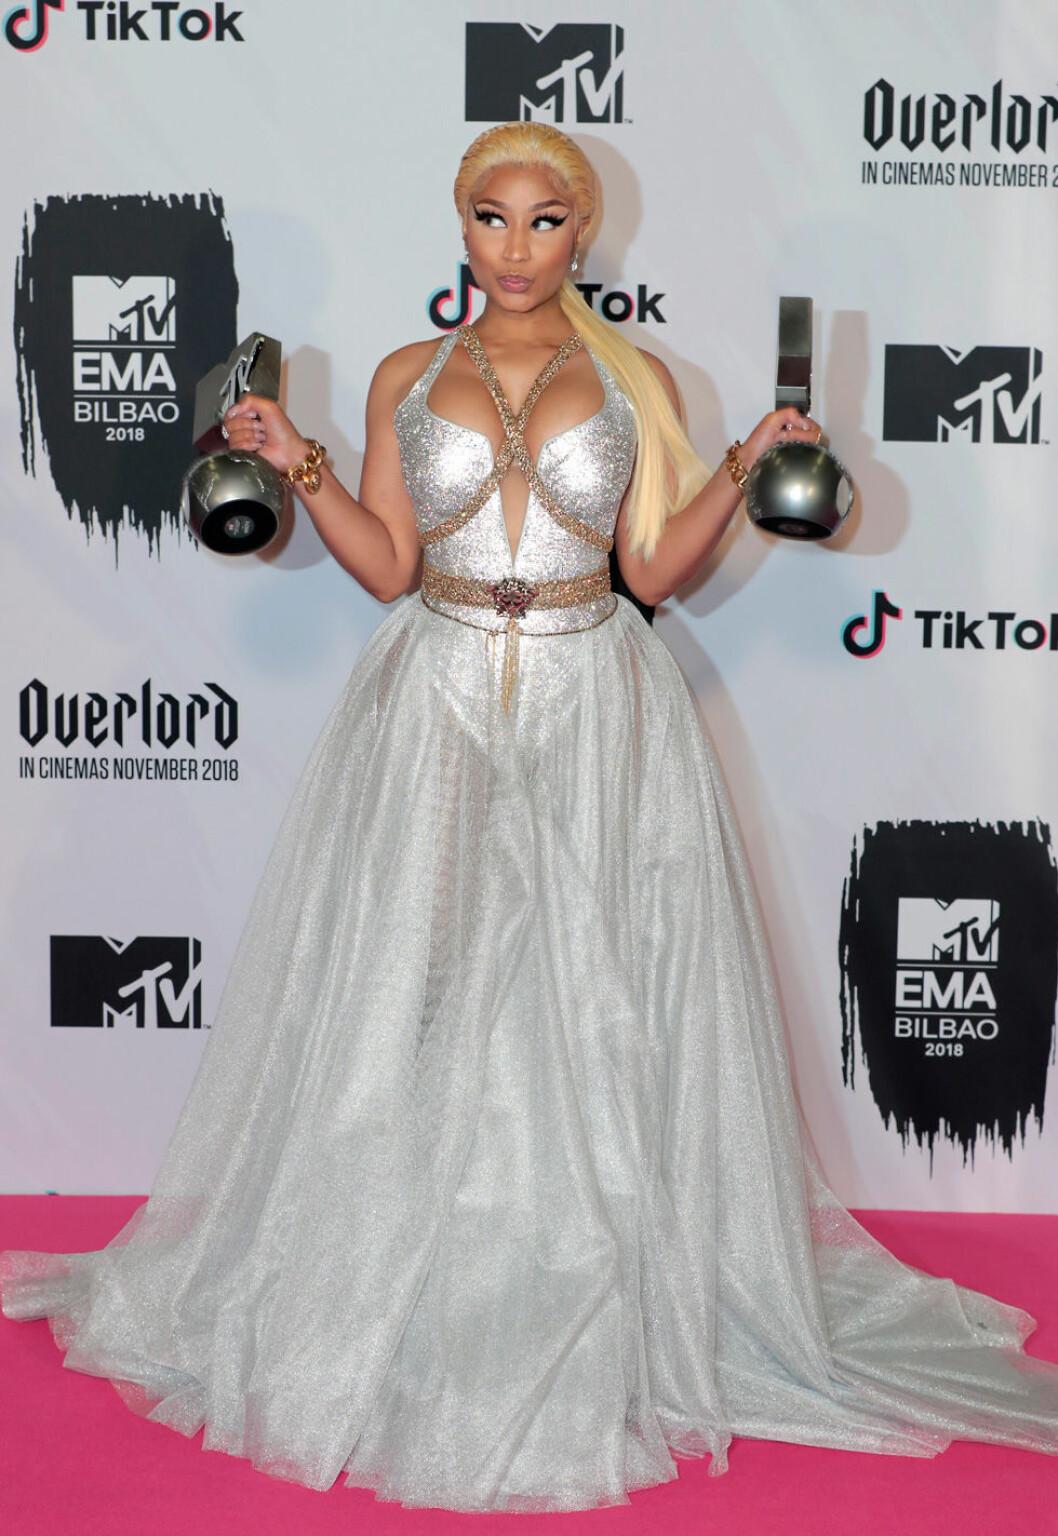 Nicki Minaj iförd silvrig genomskinlig klänning på röda mattan under MTV EMA 2018.